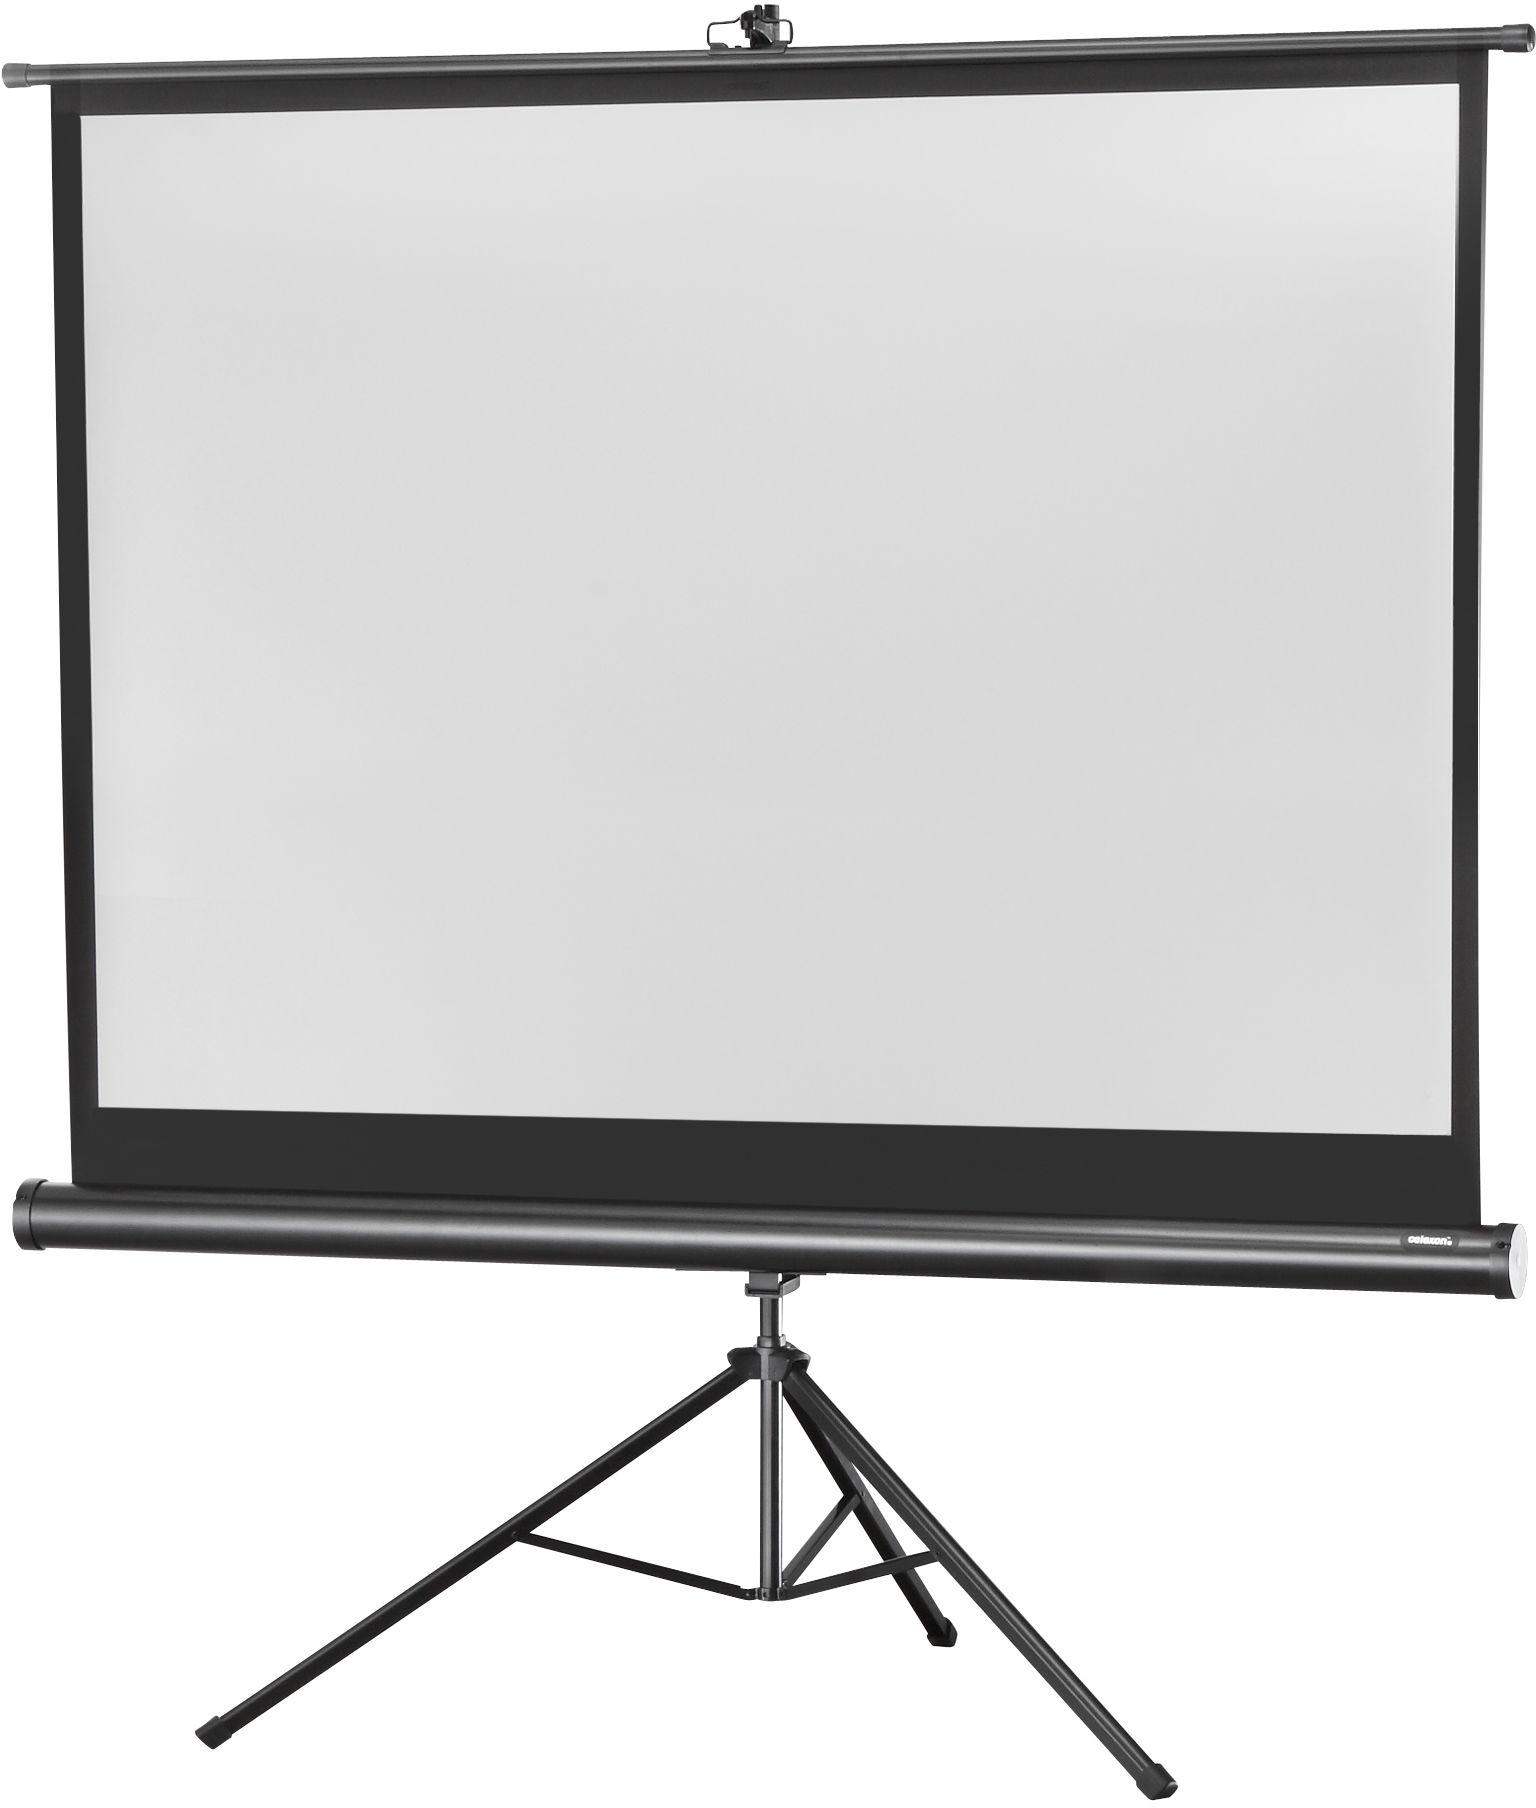 celexon Economy 158 x 118 cm ekran projekcyjny na trójnogu